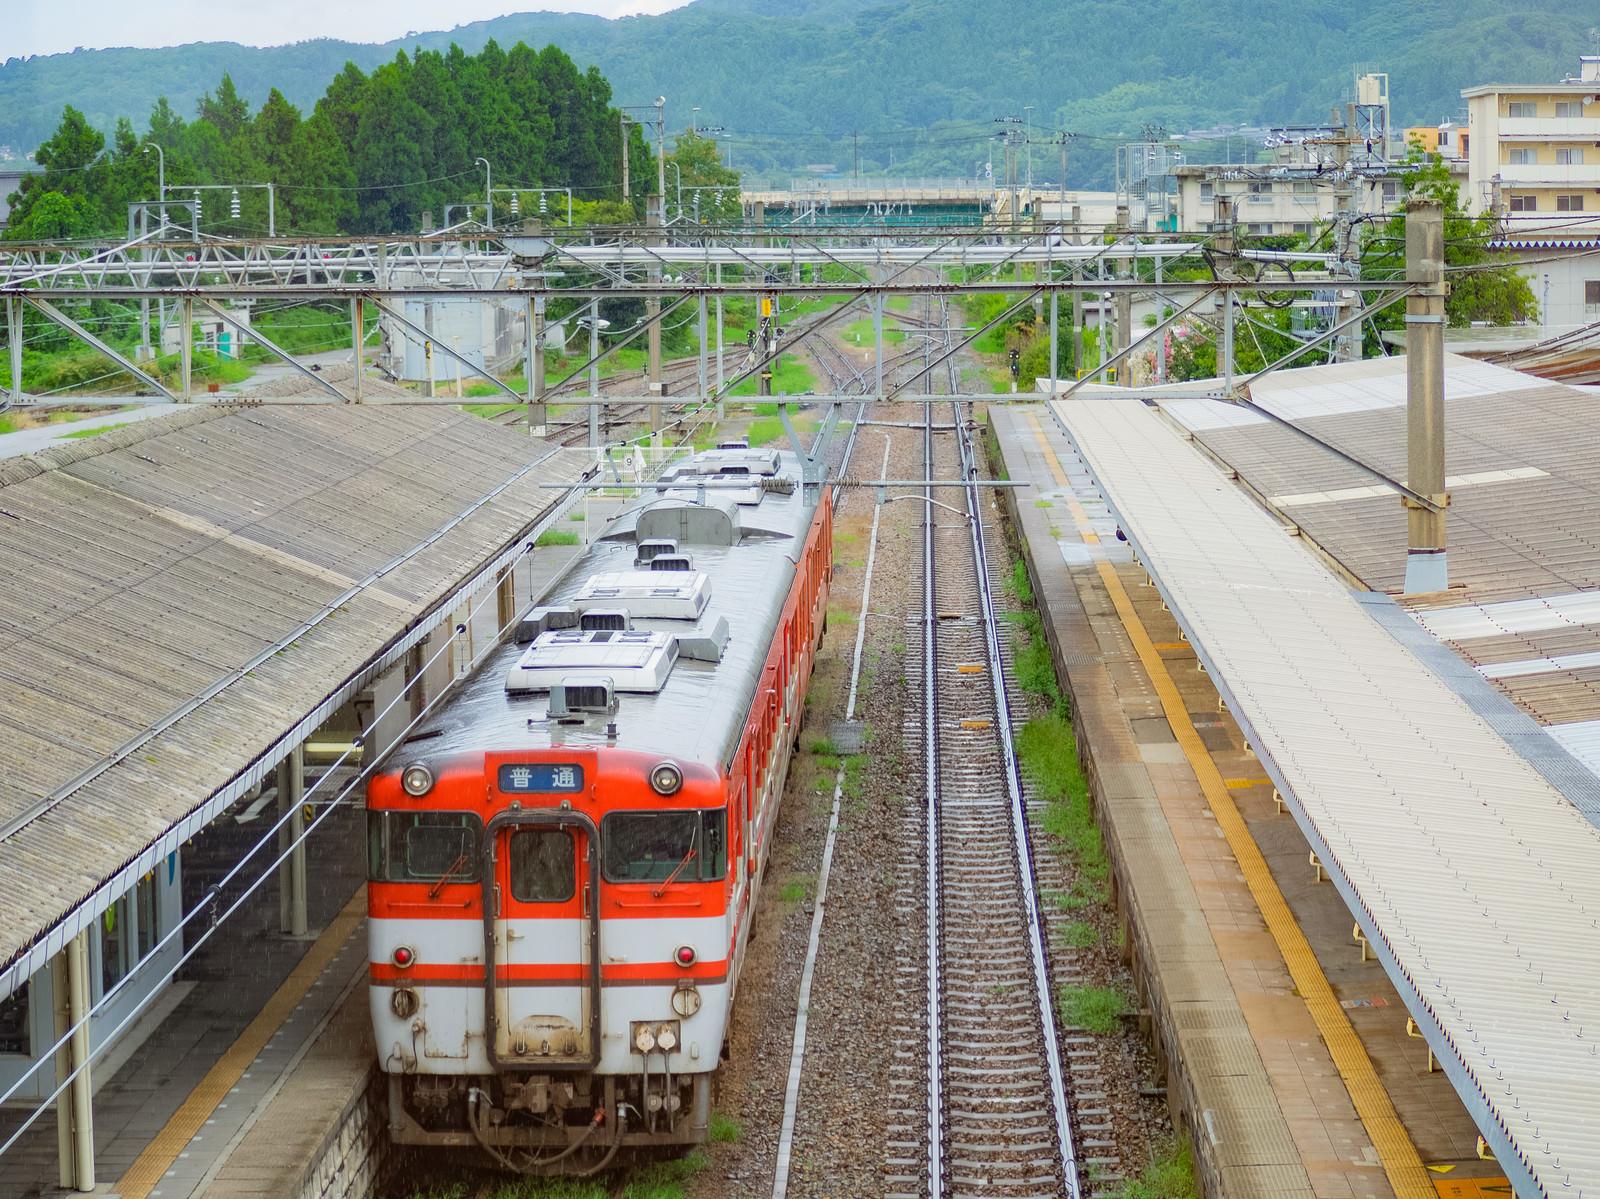 「JR村上駅から出発する電車(キハ40系)」の写真